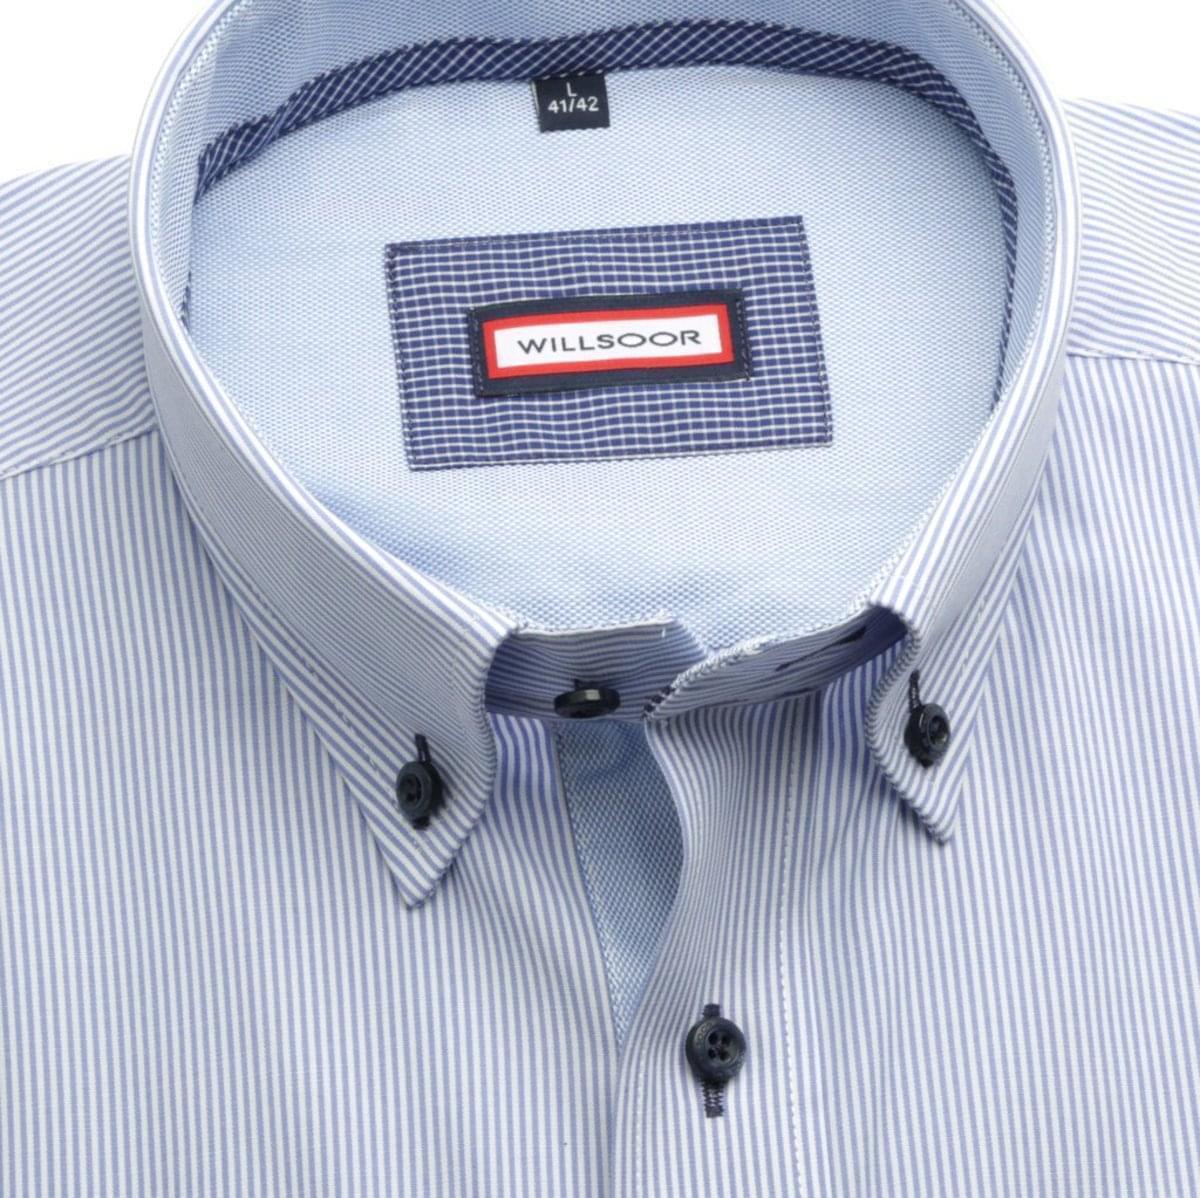 Pánská košile Slim Fit (výška 188-194) 5905 v modré barvě s proužky